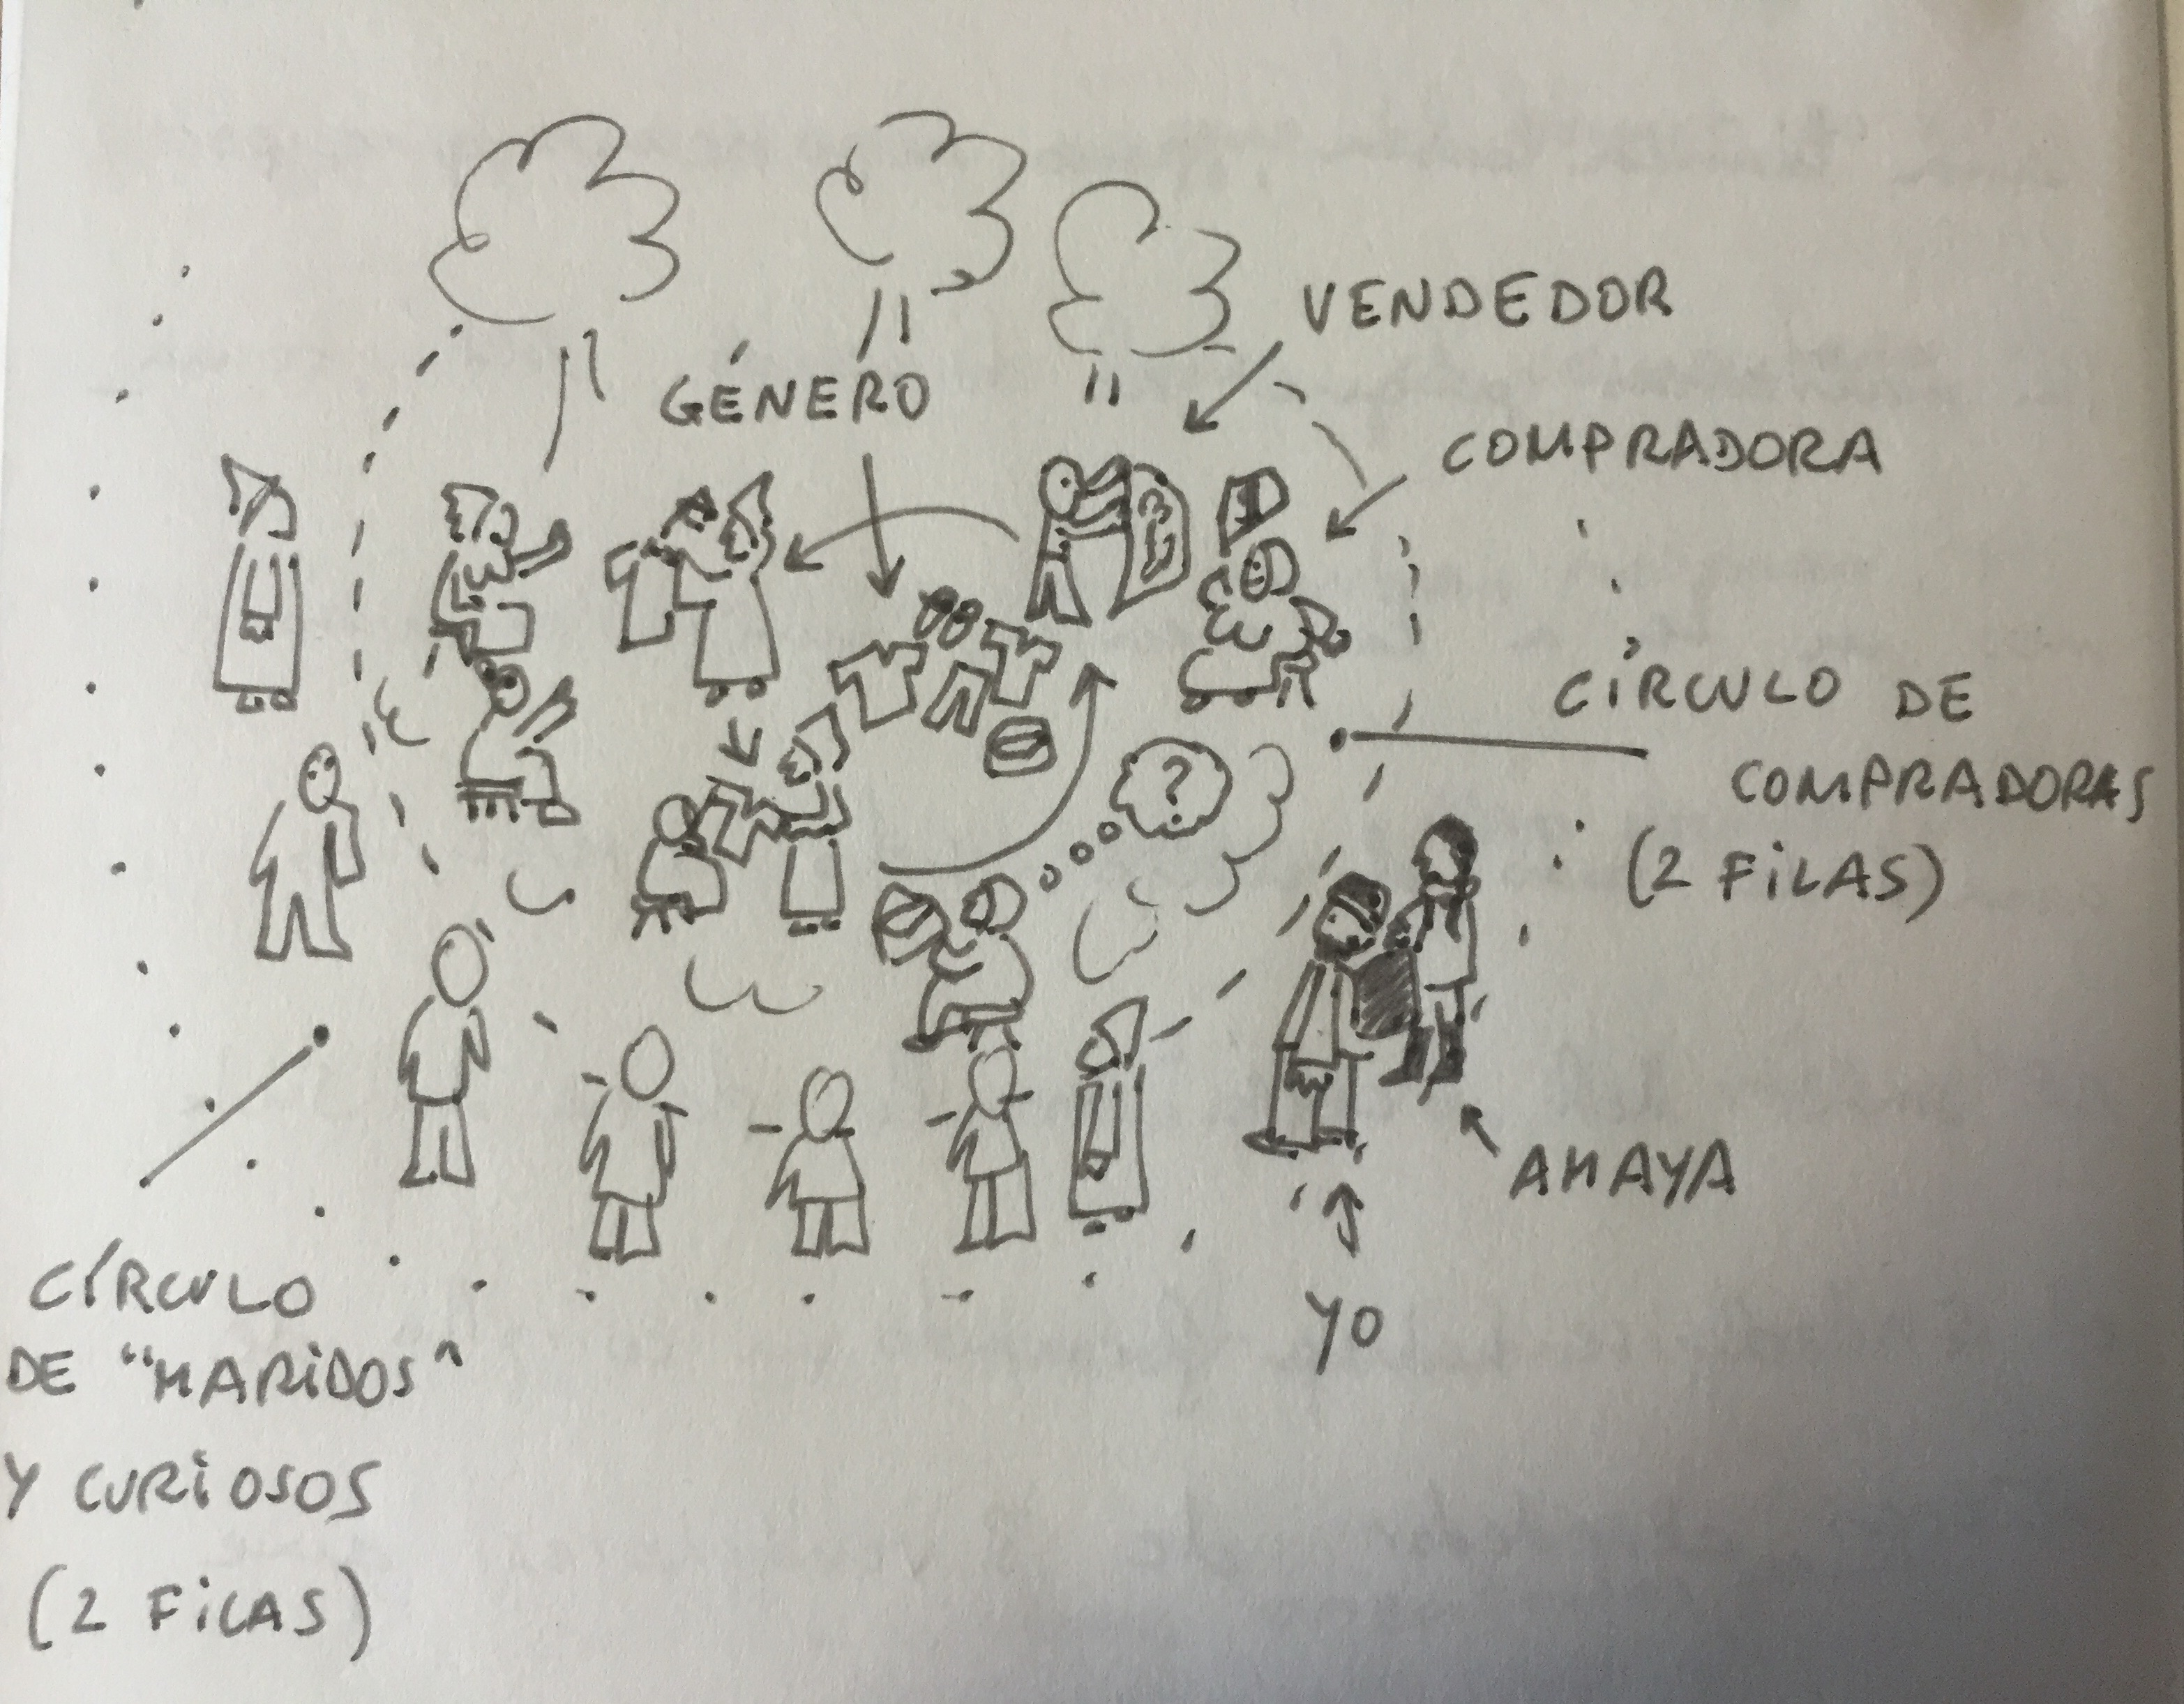 Diagrama de la subasta (del diario de viaje)